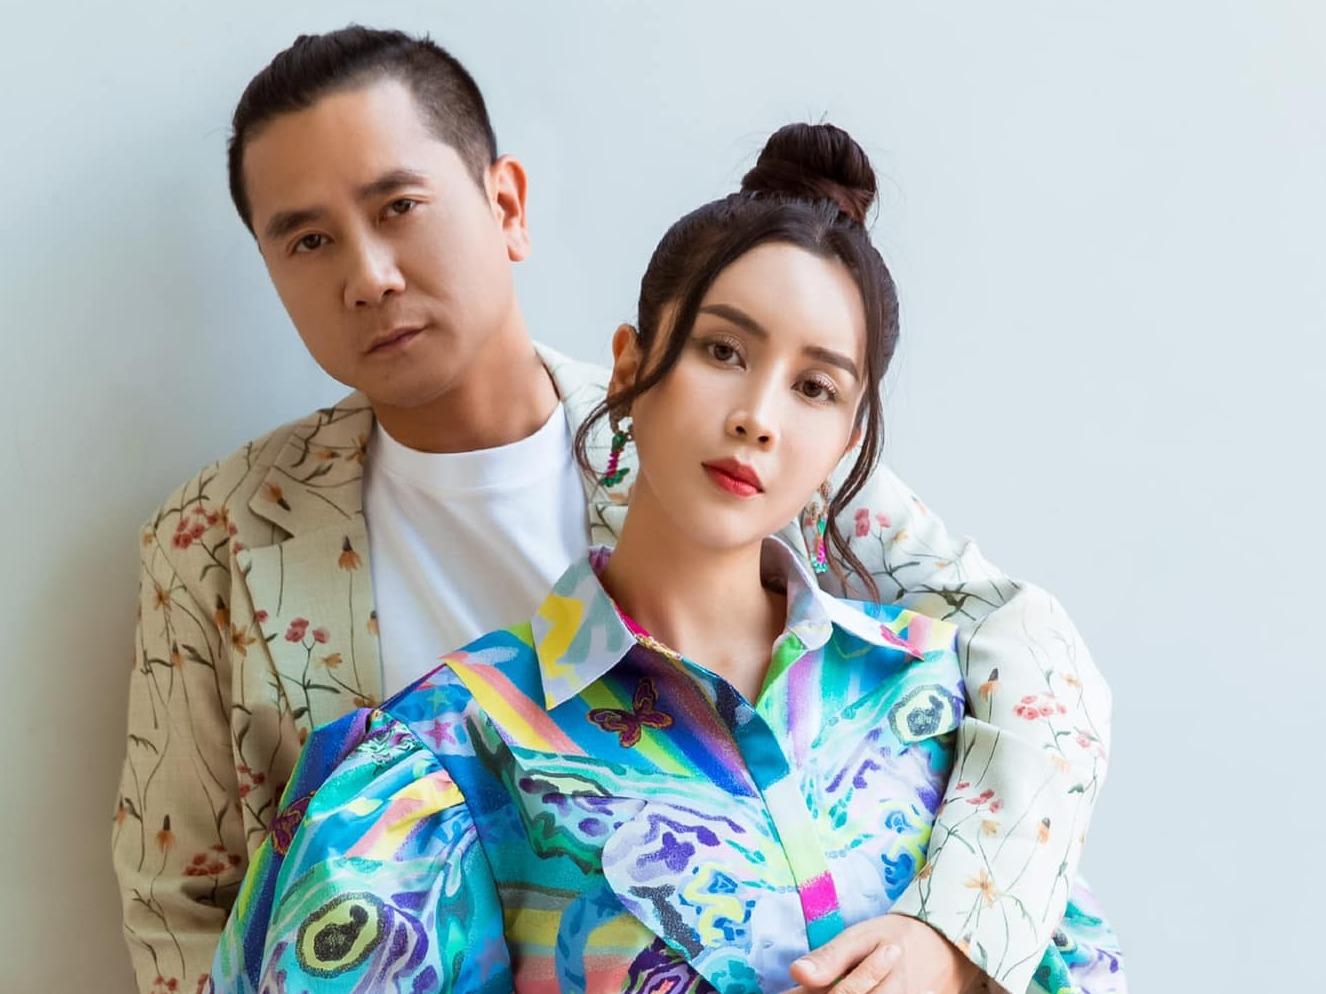 Sao Việt 7/4: Lưu Hương Giang đăng ảnh cùng chồng nhưng thái độ của Hồ Hoài Anh lại khiến cộng đồng mạng chú ý